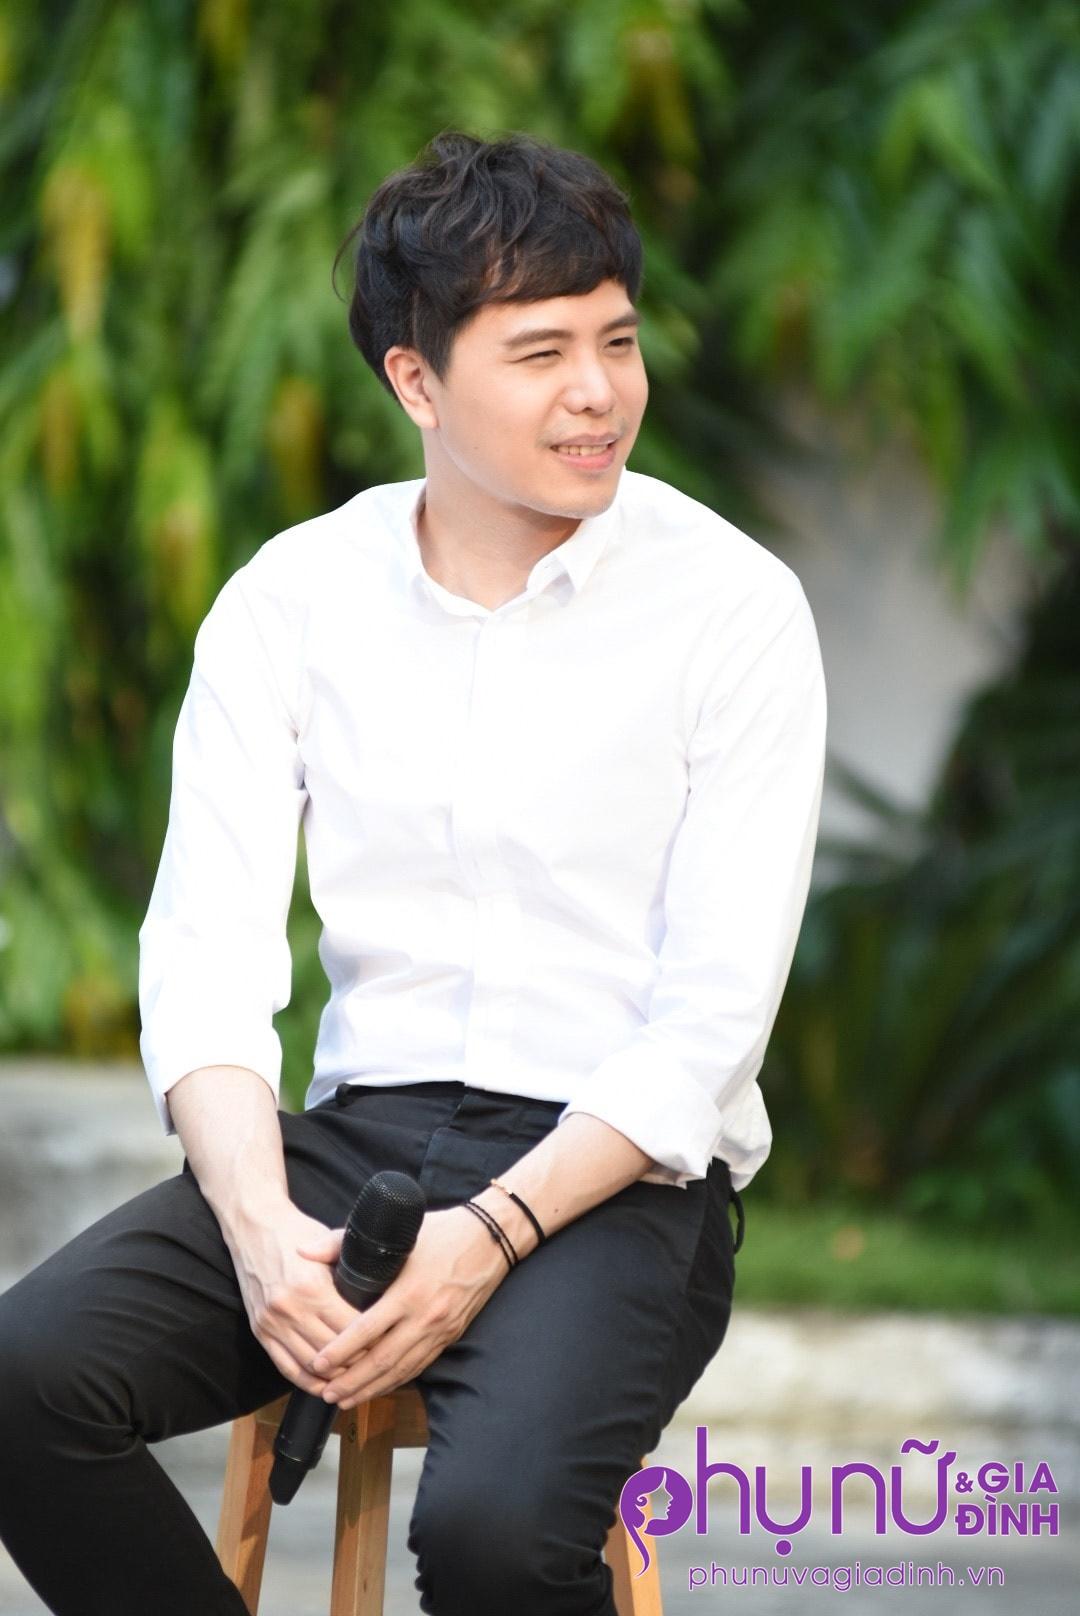 'Ông ngoại tuổi 30' Trịnh Thăng Bình xuất hiện siêu 'soái ca' làm chị em thổn thức - Ảnh 5